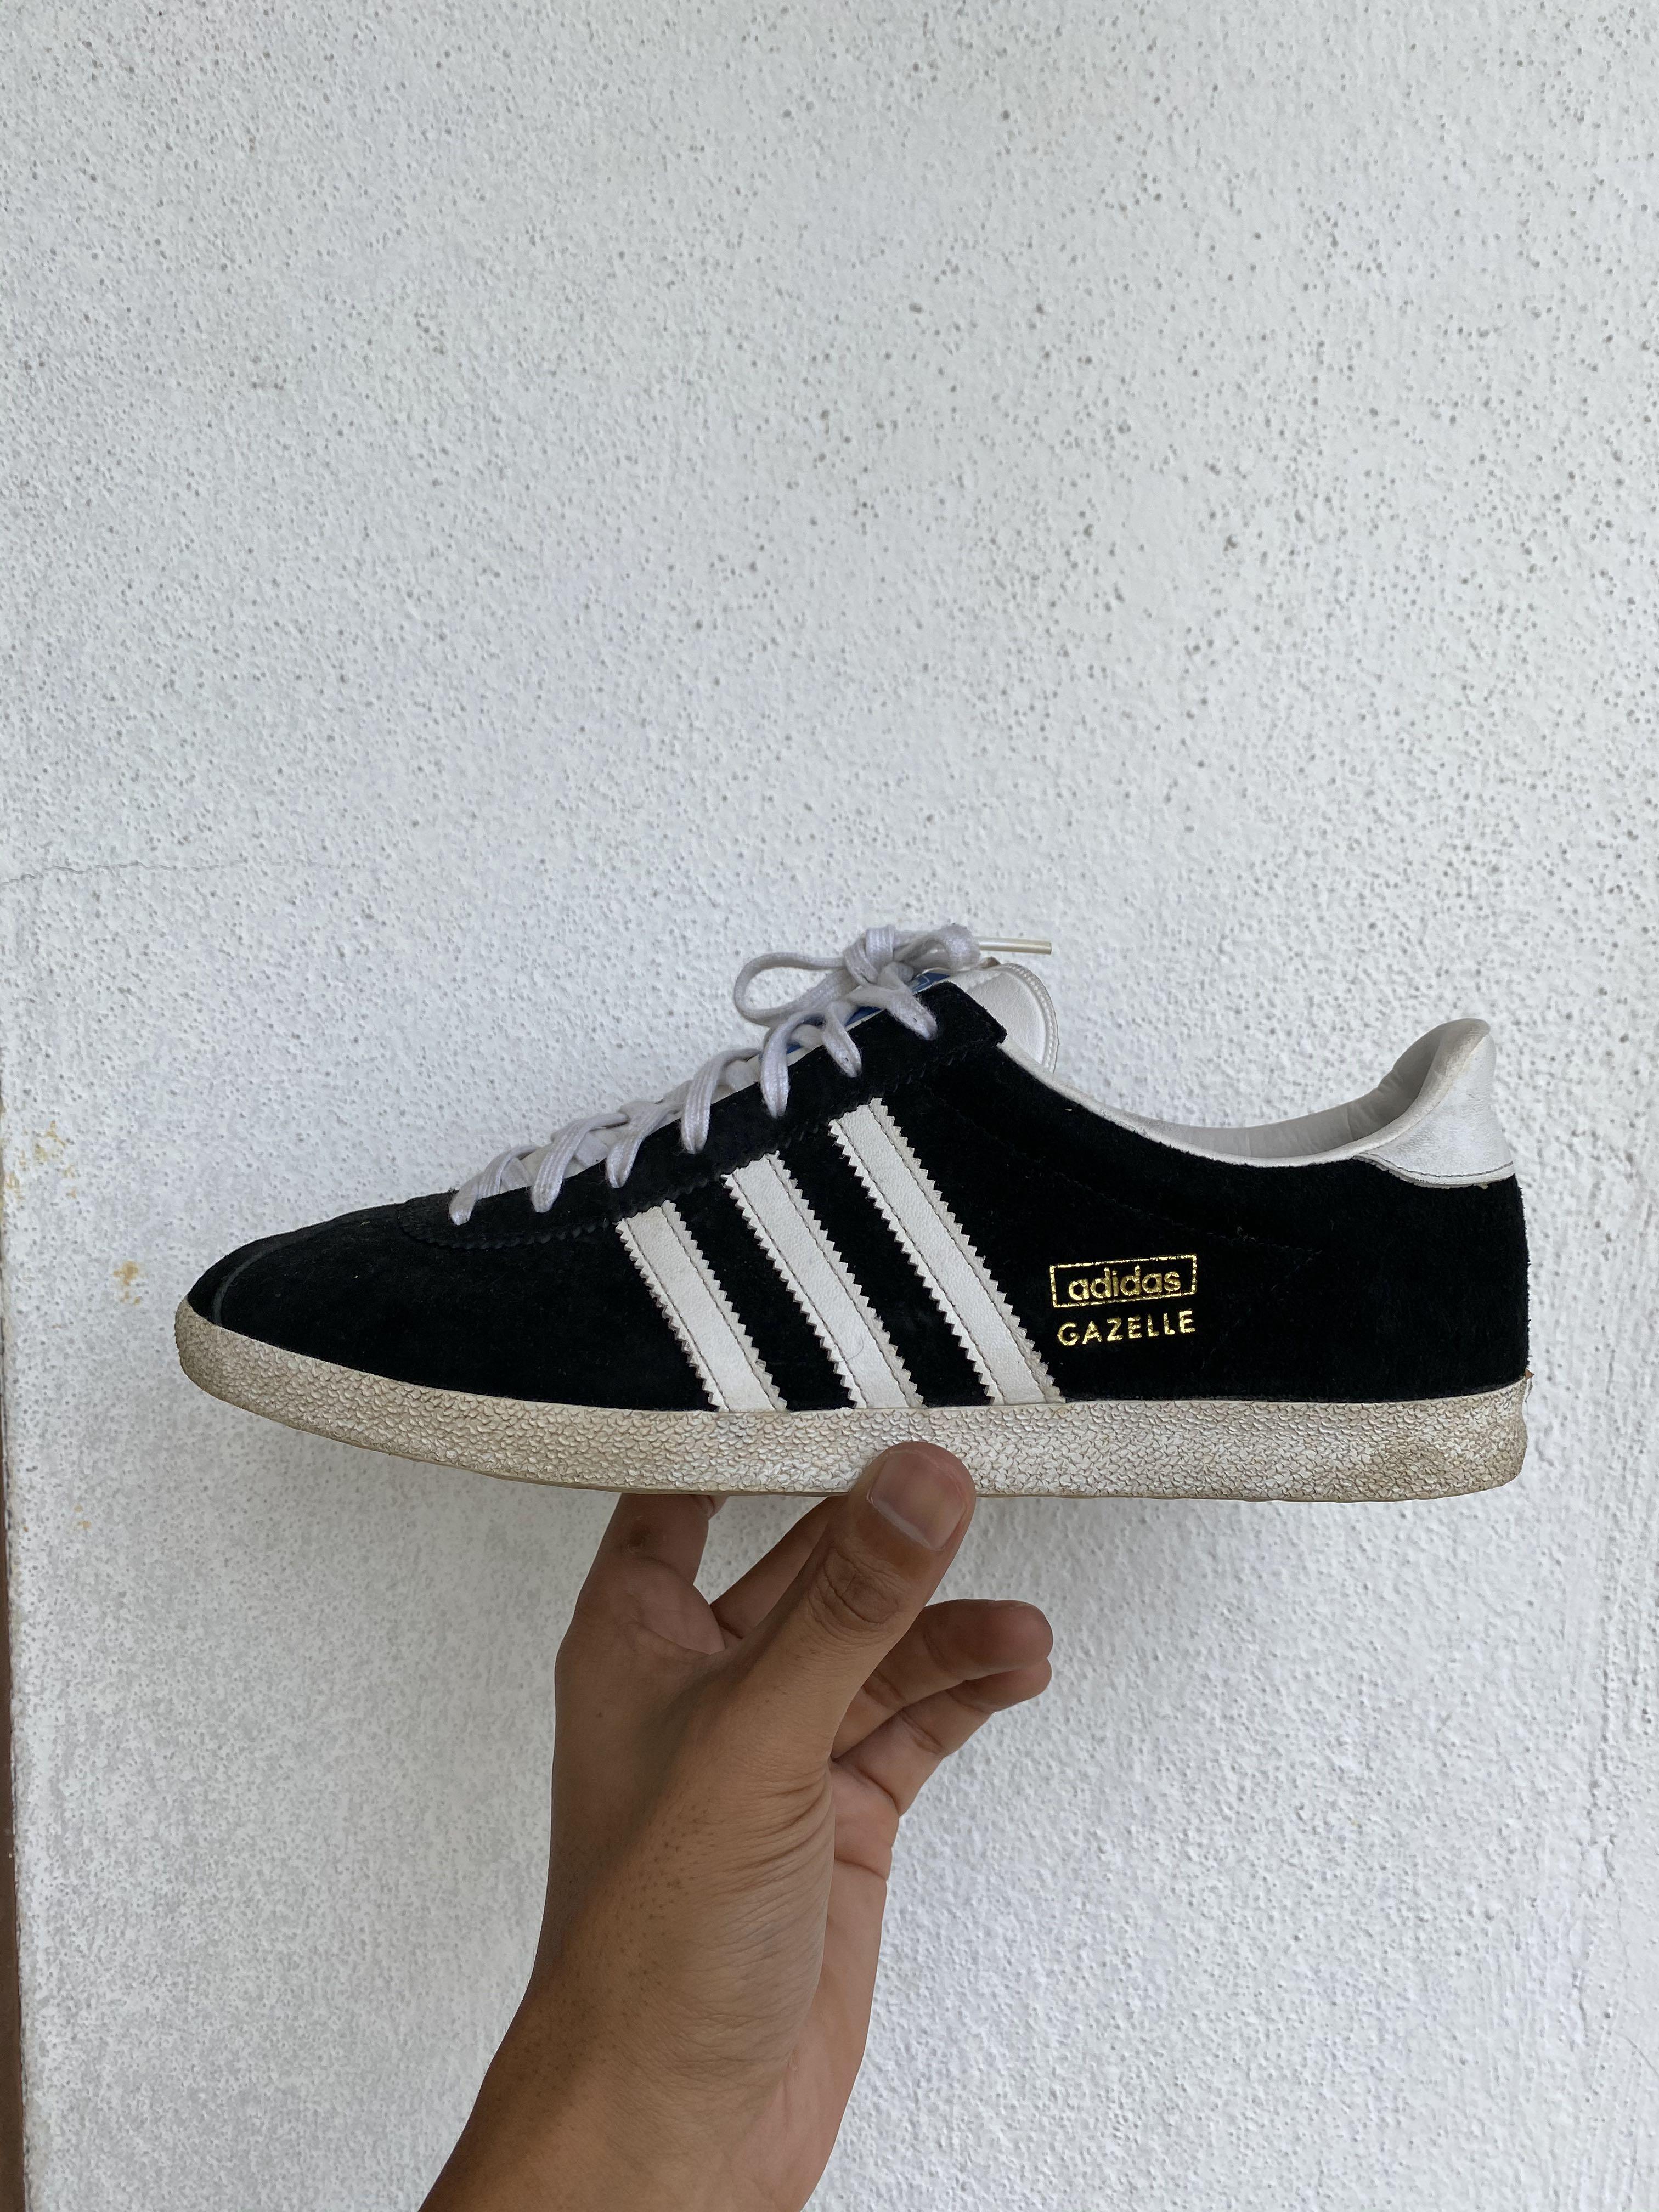 Adidas Gazelle, Men's Fashion, Footwear